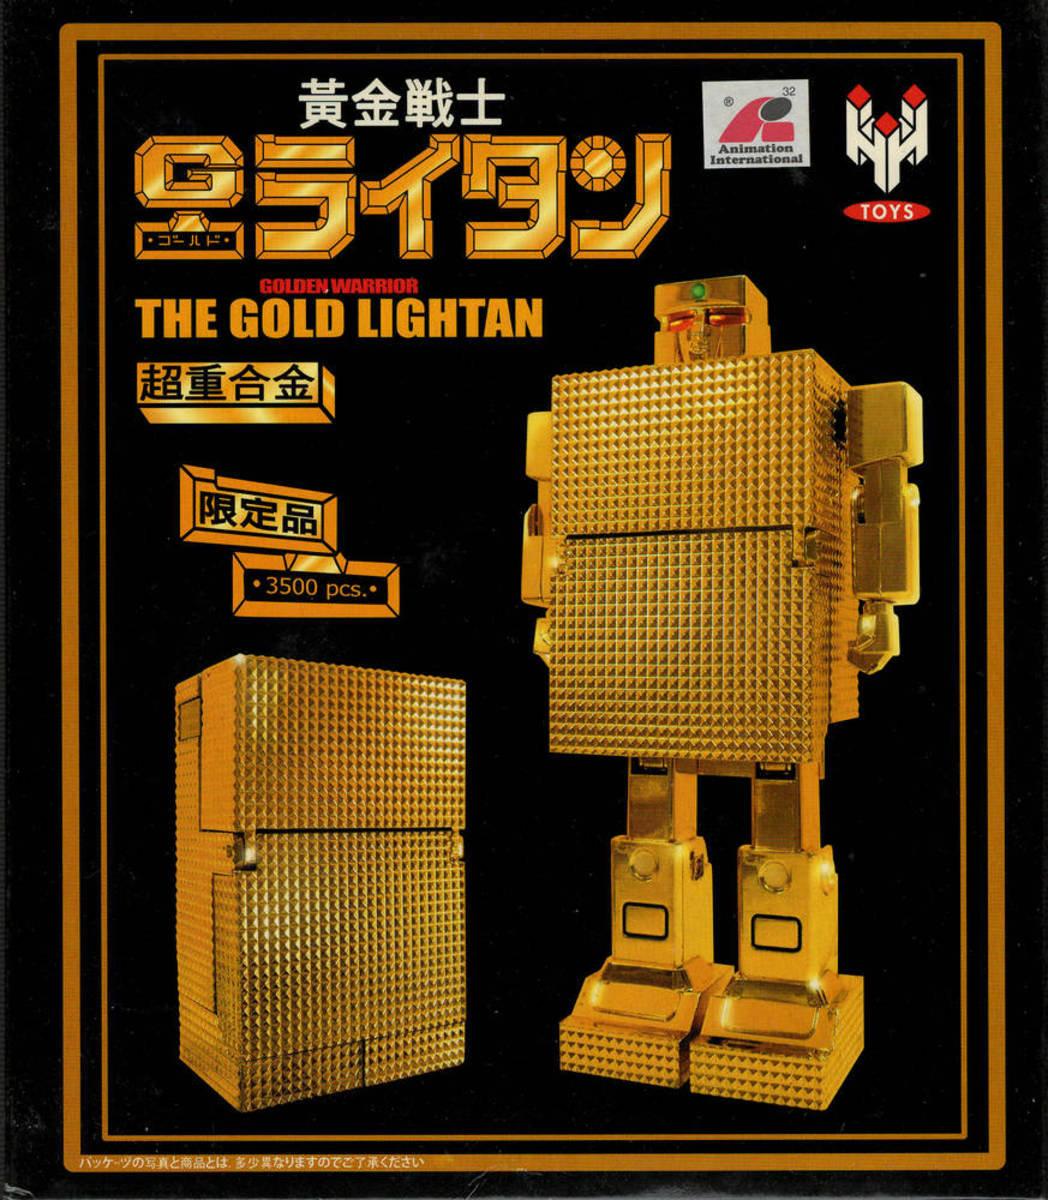 黃金俠 黃金戰士 The Gold Lightan